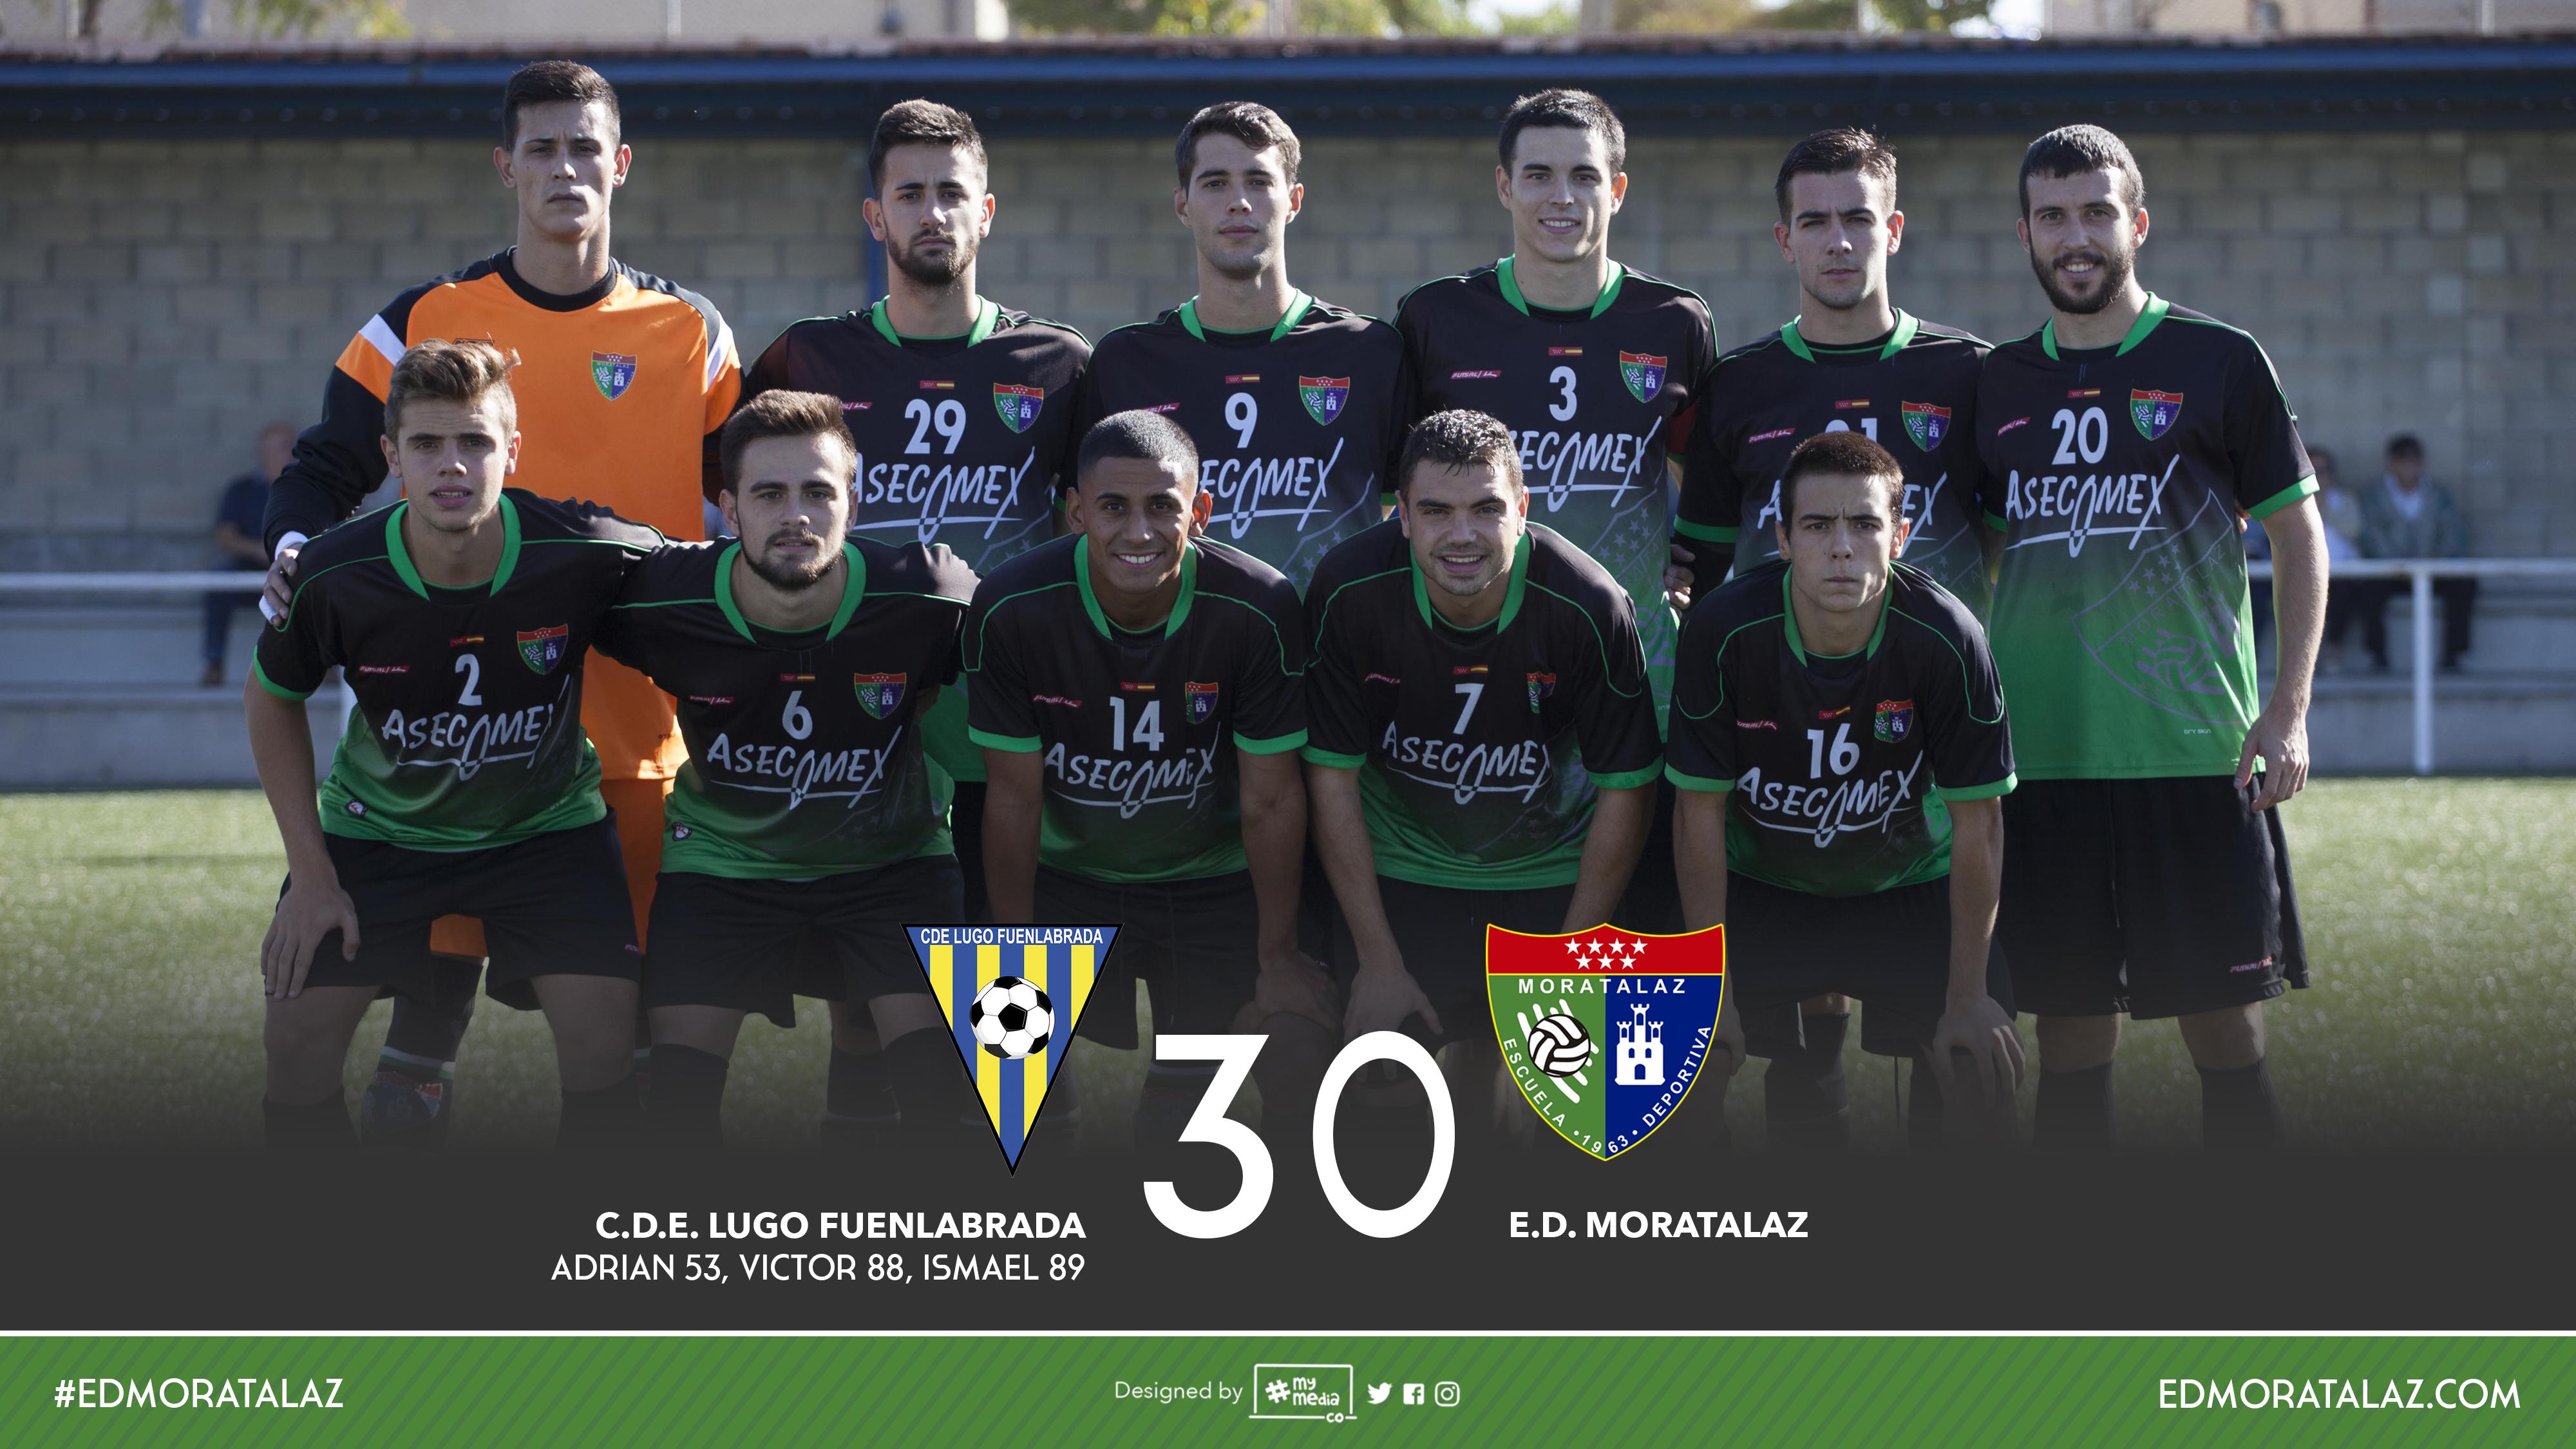 Fotos y vídeo resumen del partido CDE Lugo Fuenlabrada 3-0 Primer Equipo